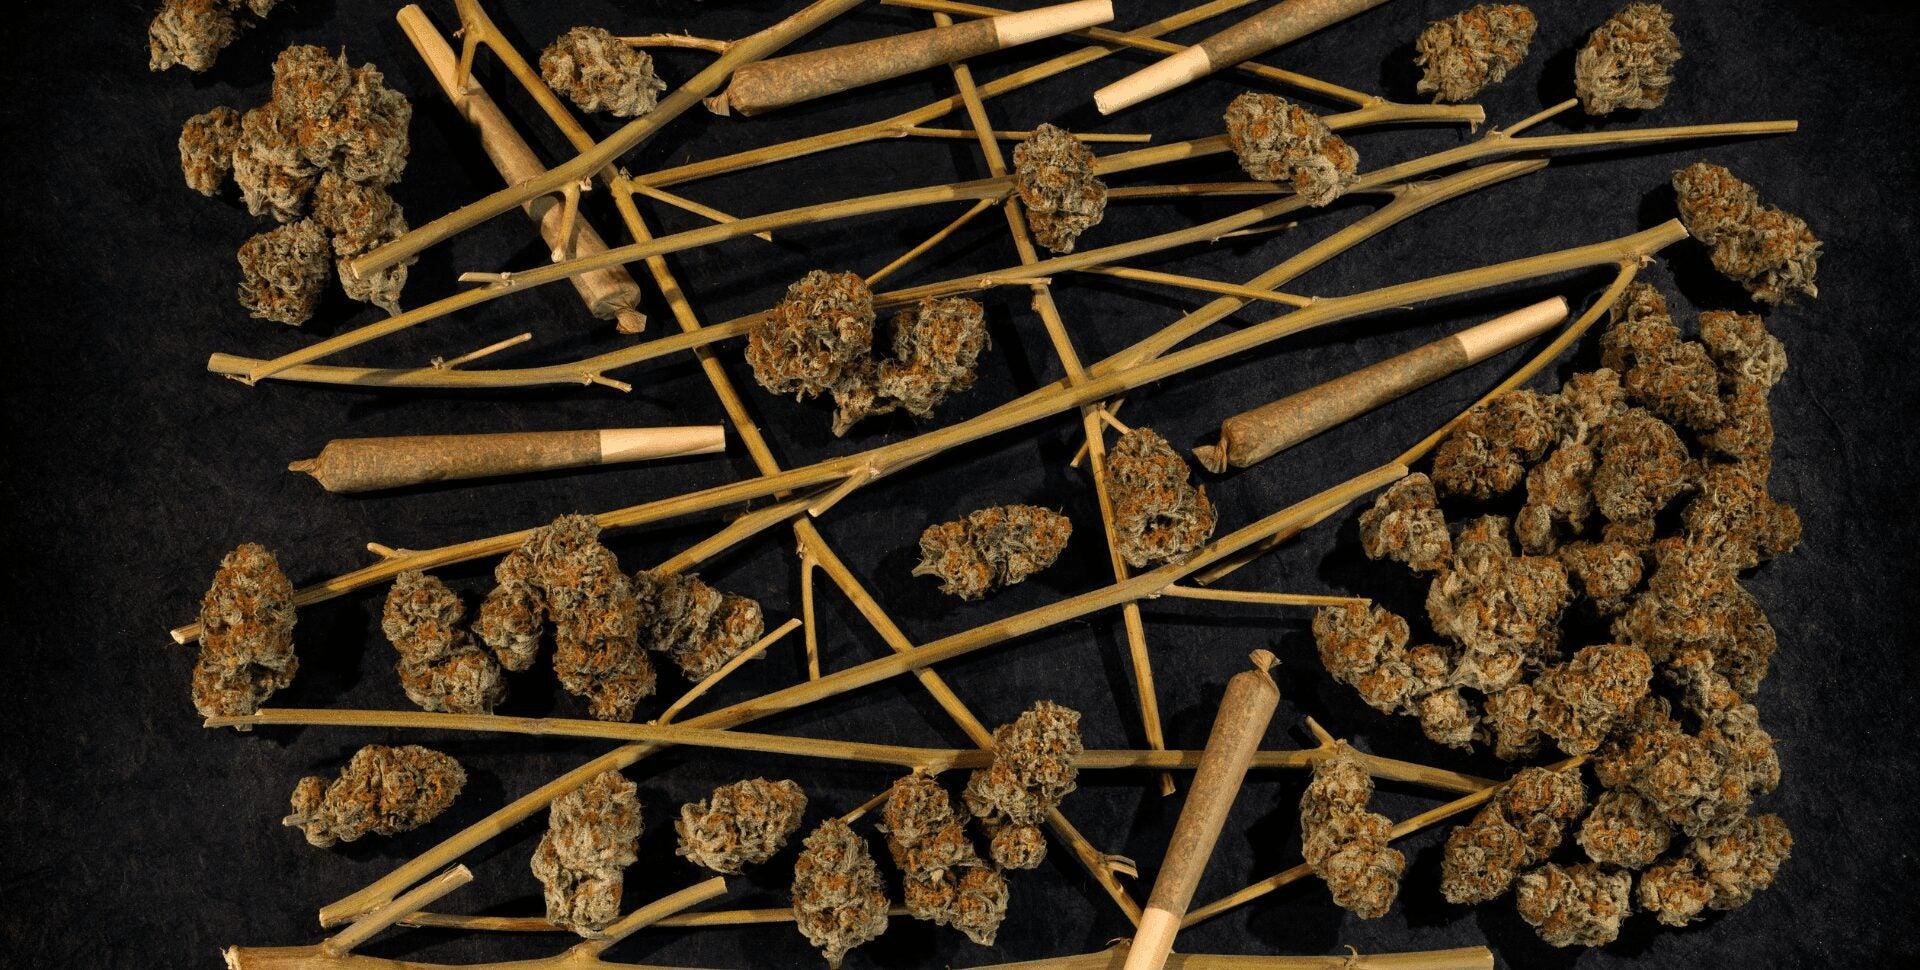 fumar tallo marihuana